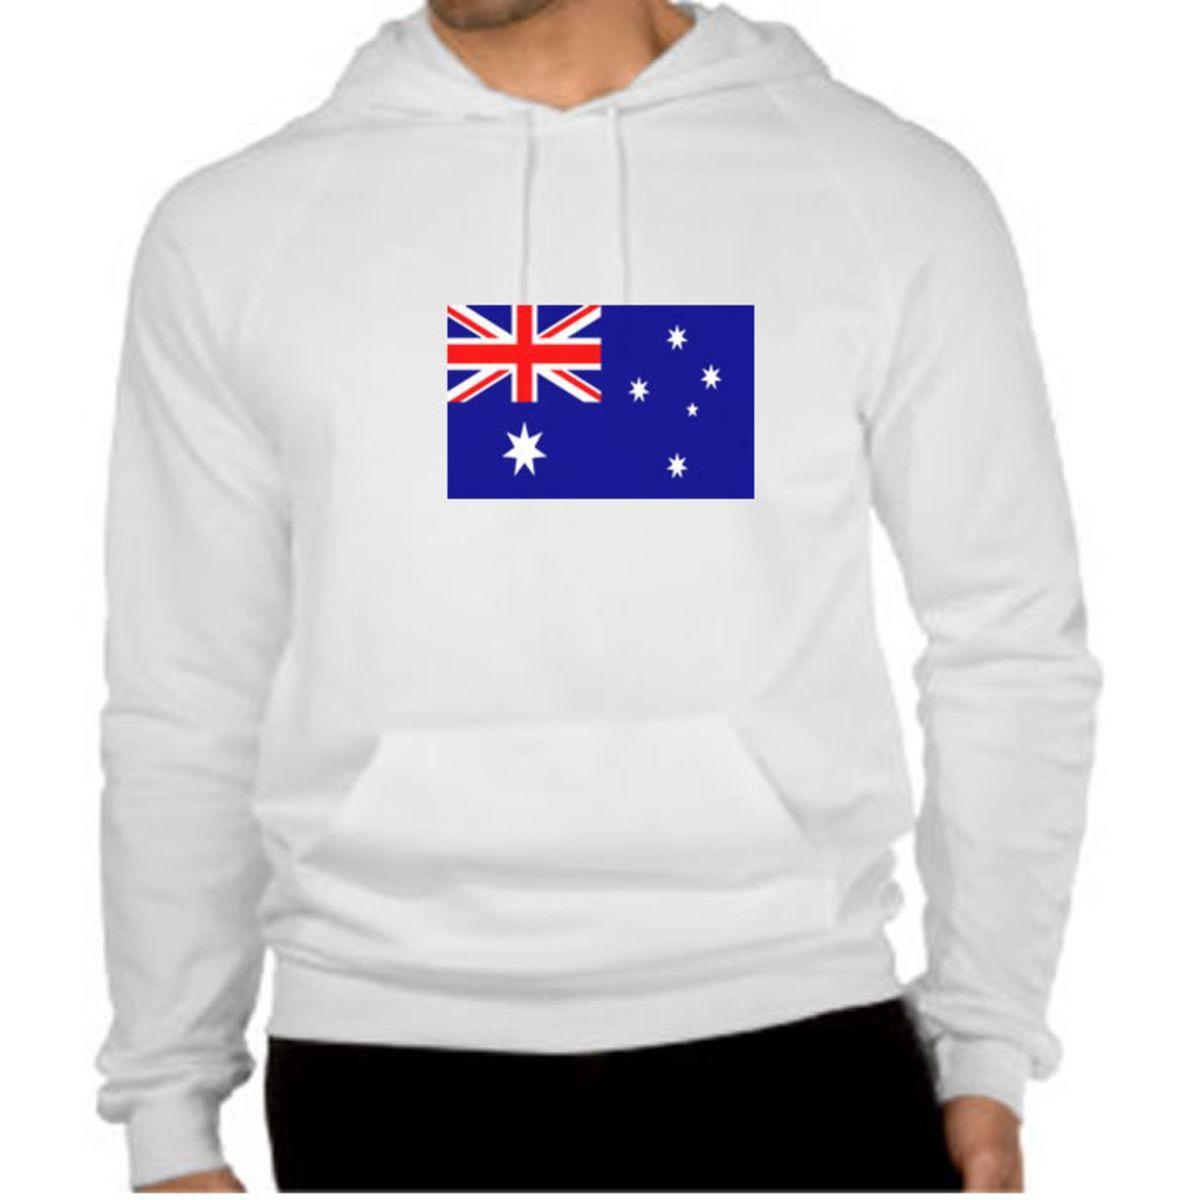 49d459053f blusa de moletom bandeira da australia - camisetas sem marca